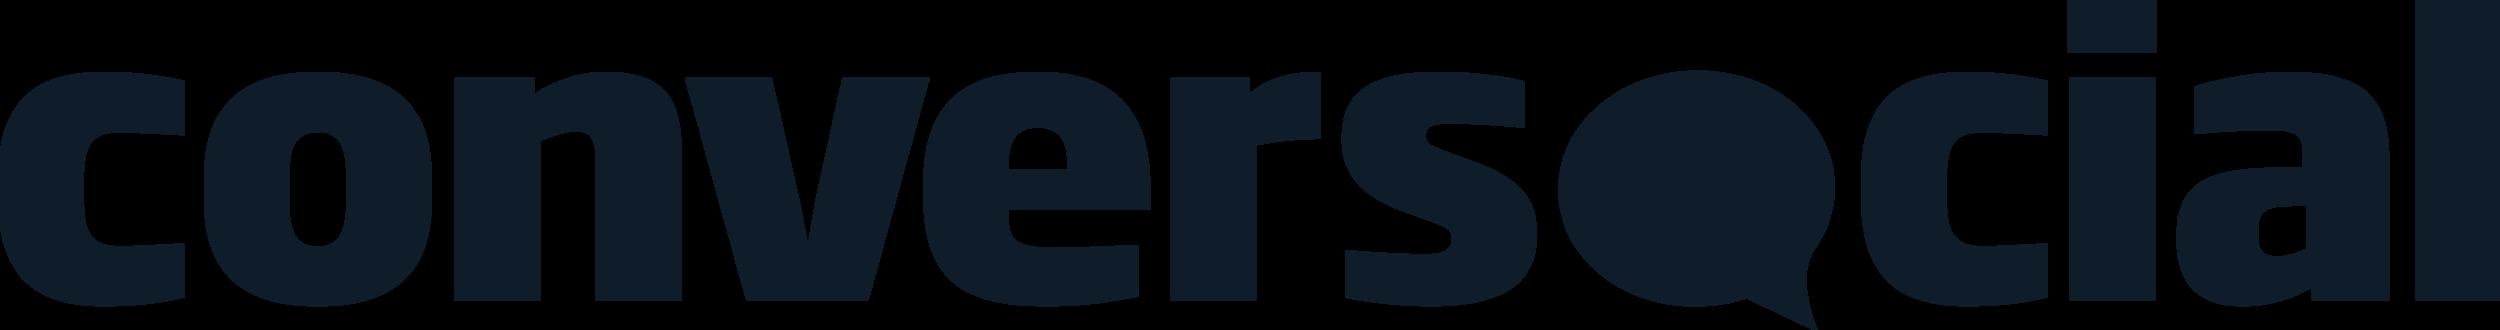 Conversocial_Logo.png